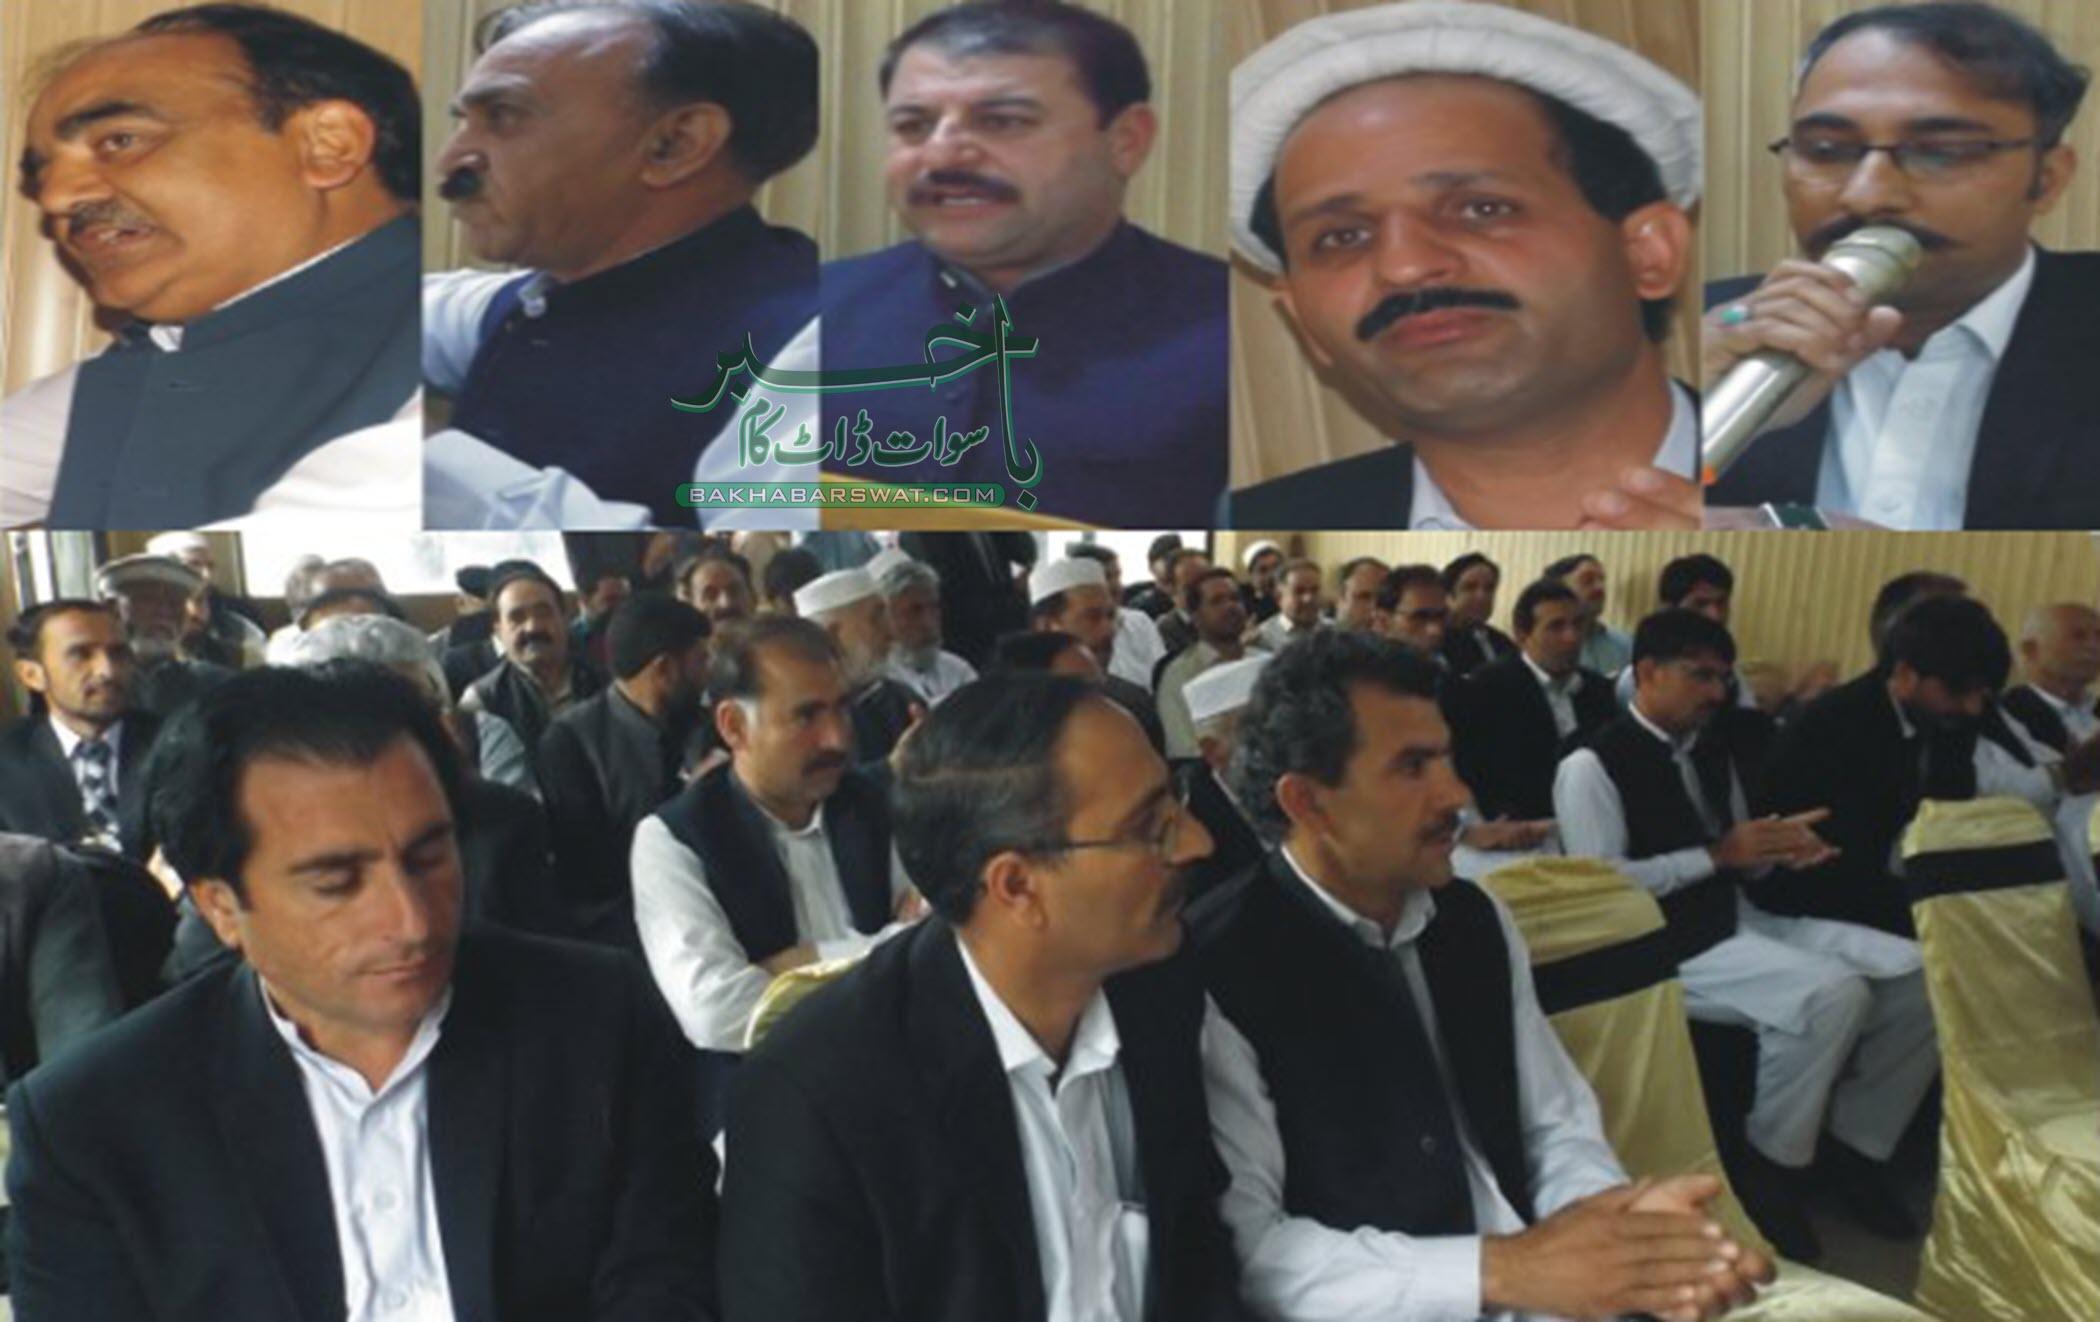 عوام کے خادموں کو اپنی ذمہ داریاں نبھانی چاہئیں، محمد علی شاہ خان